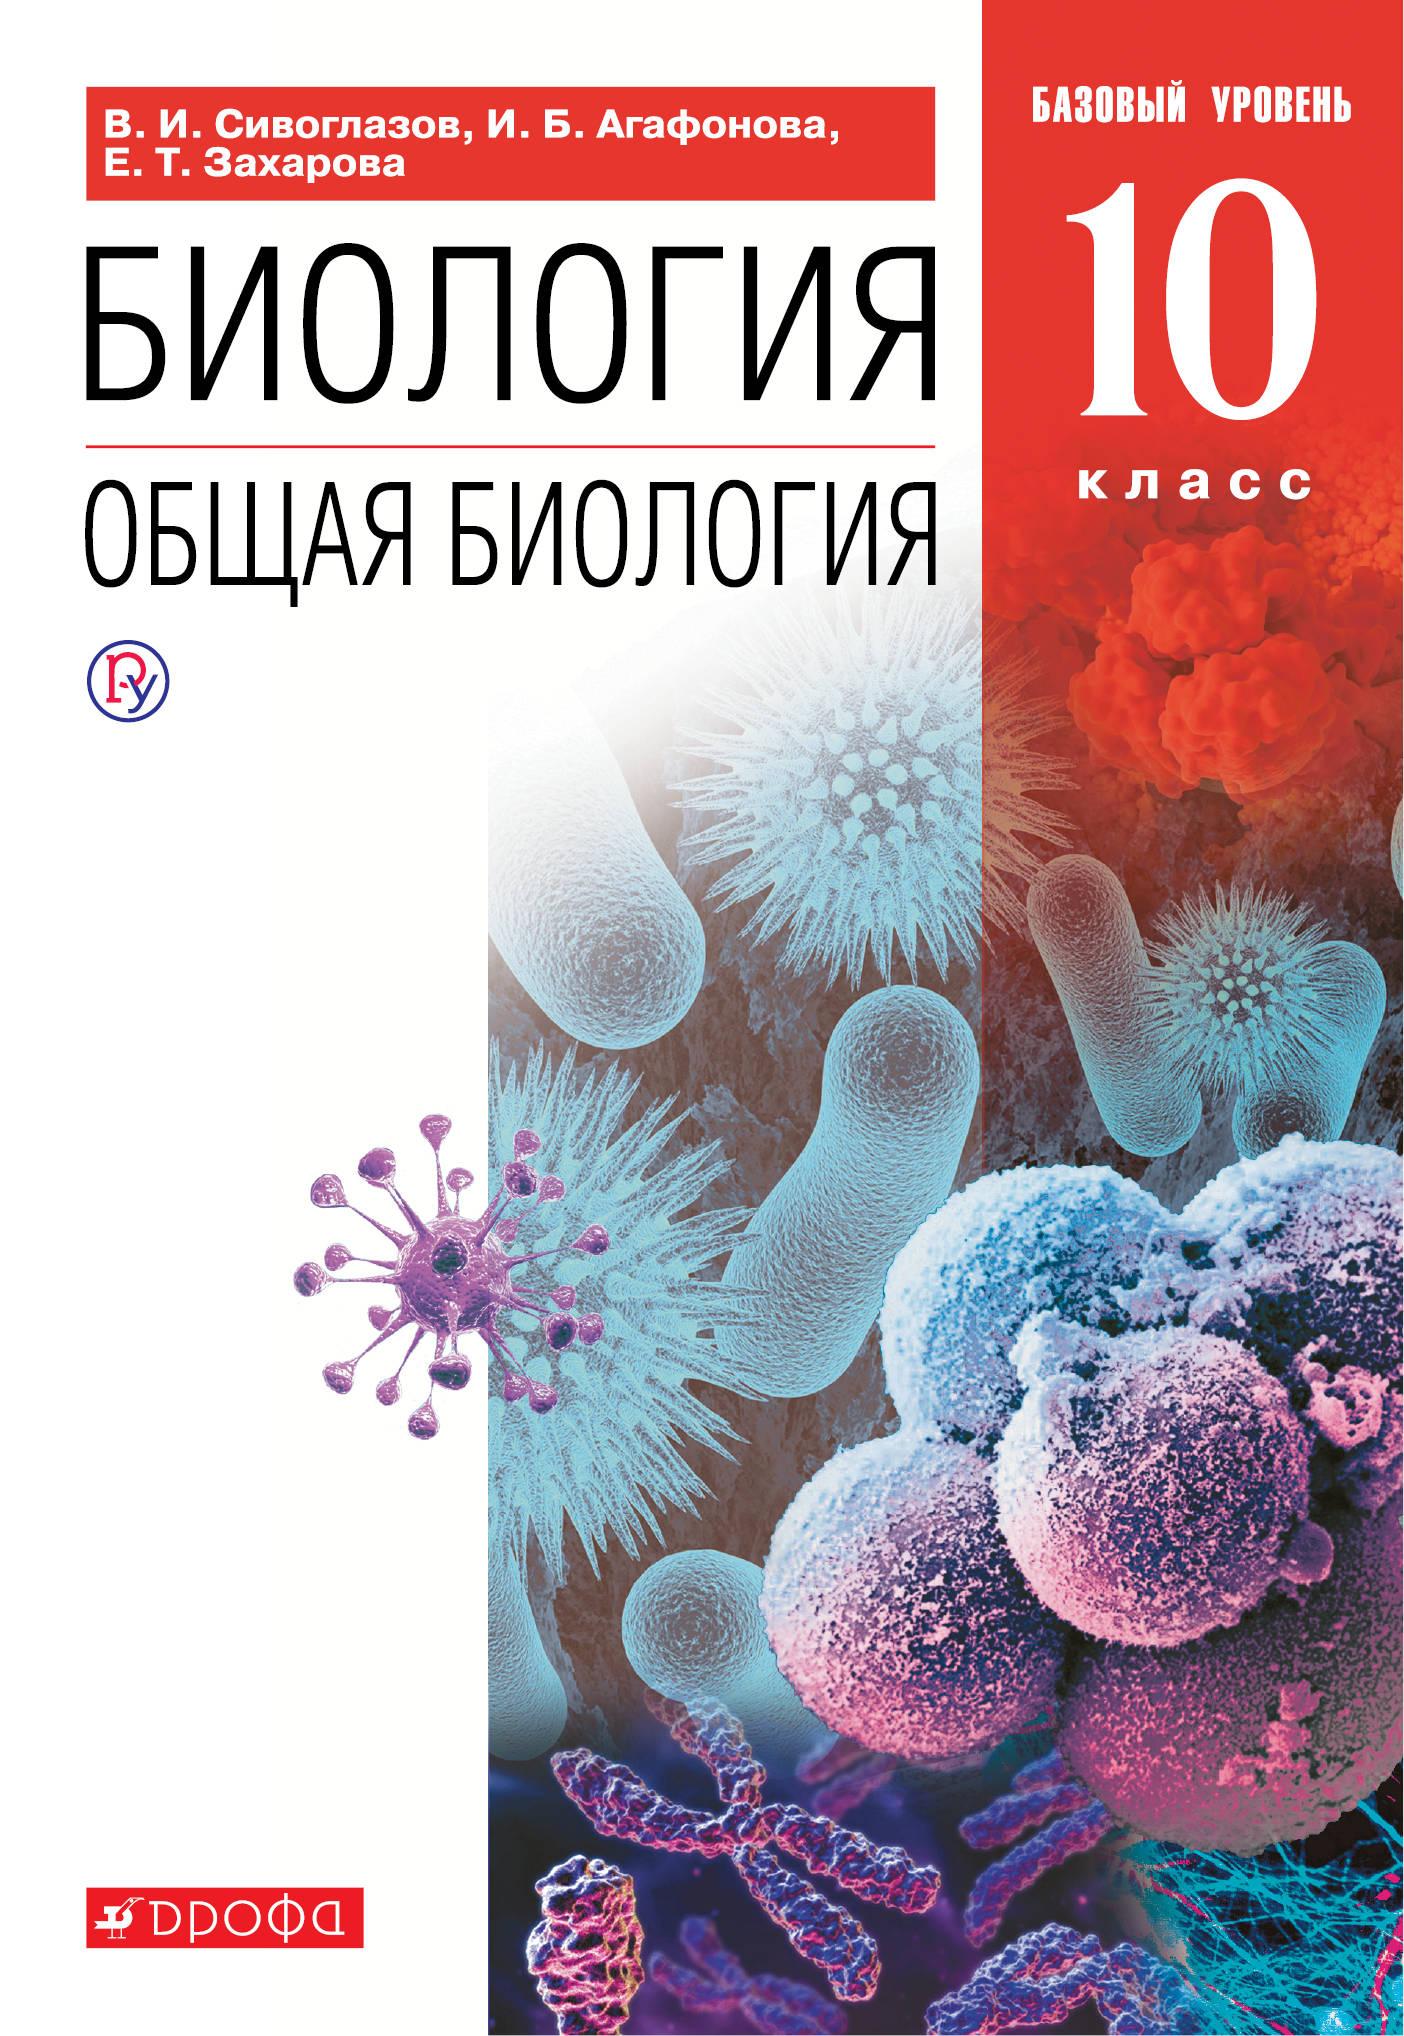 Биология. Общая биология. 10 класс. Базовый уровень. Учебник, В. И. Сивоглазов, И. Б. Агафонова, Е. Т. Захарова